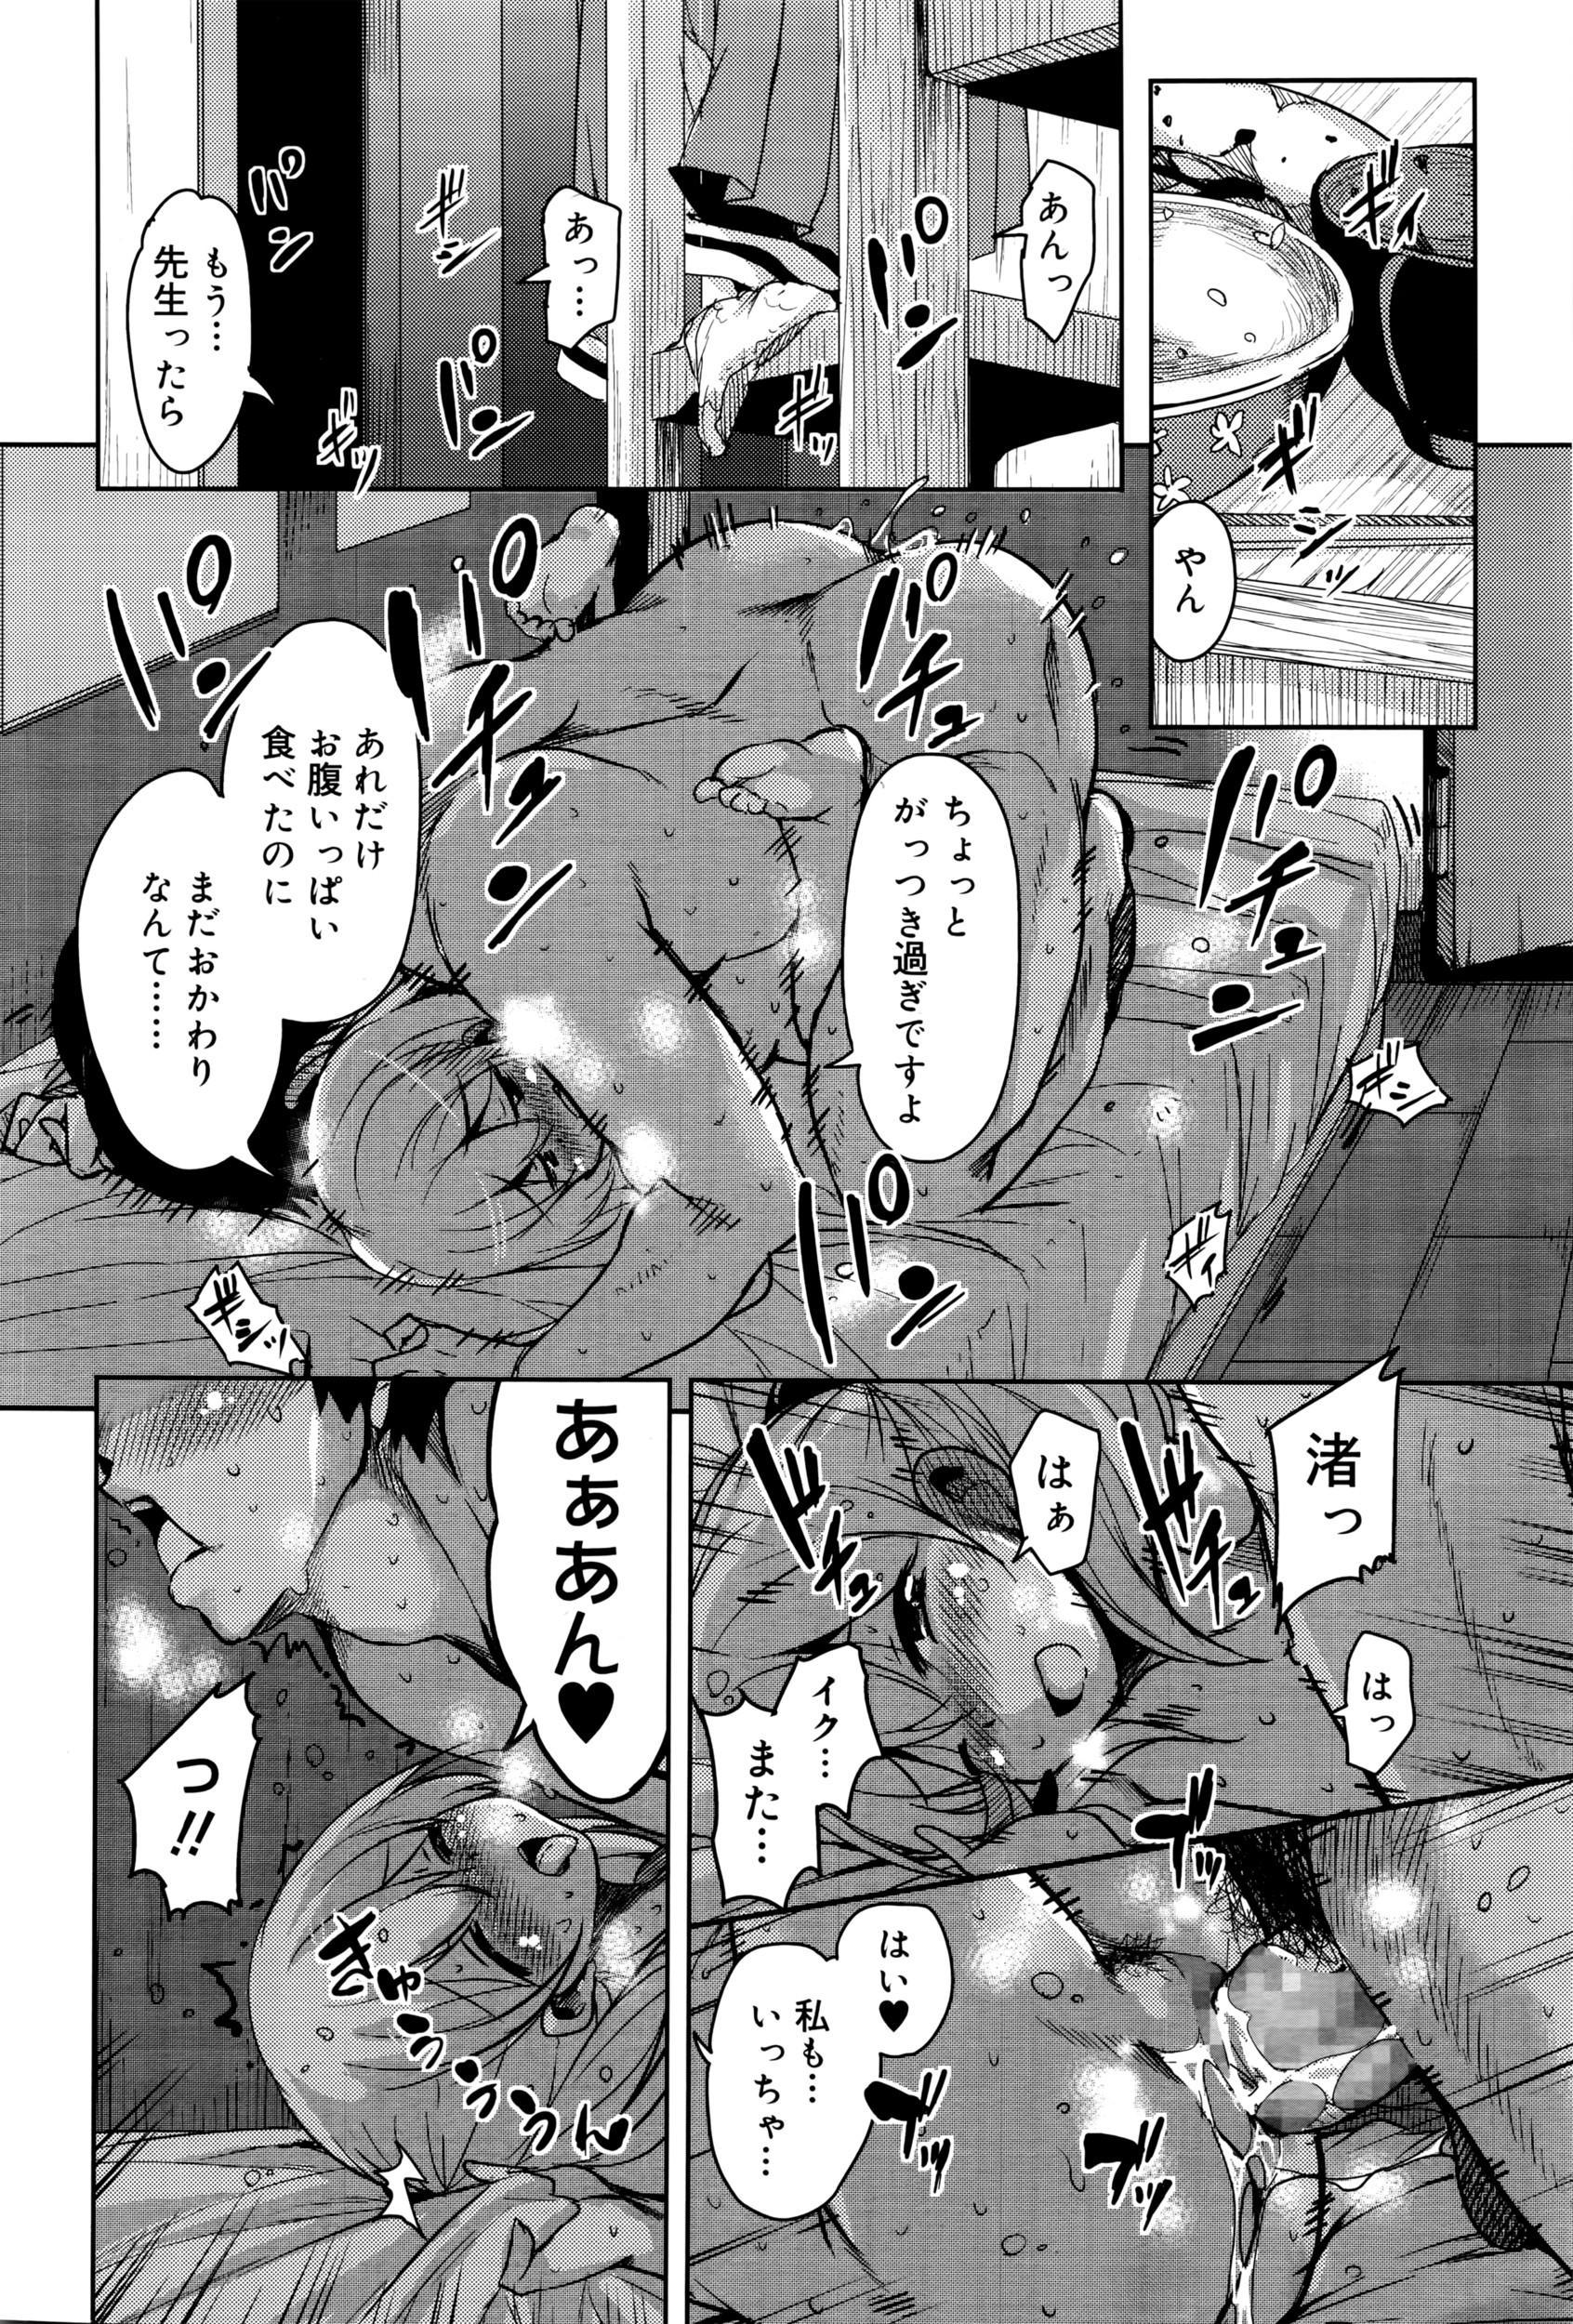 Juicy No. 14 2016-07 94